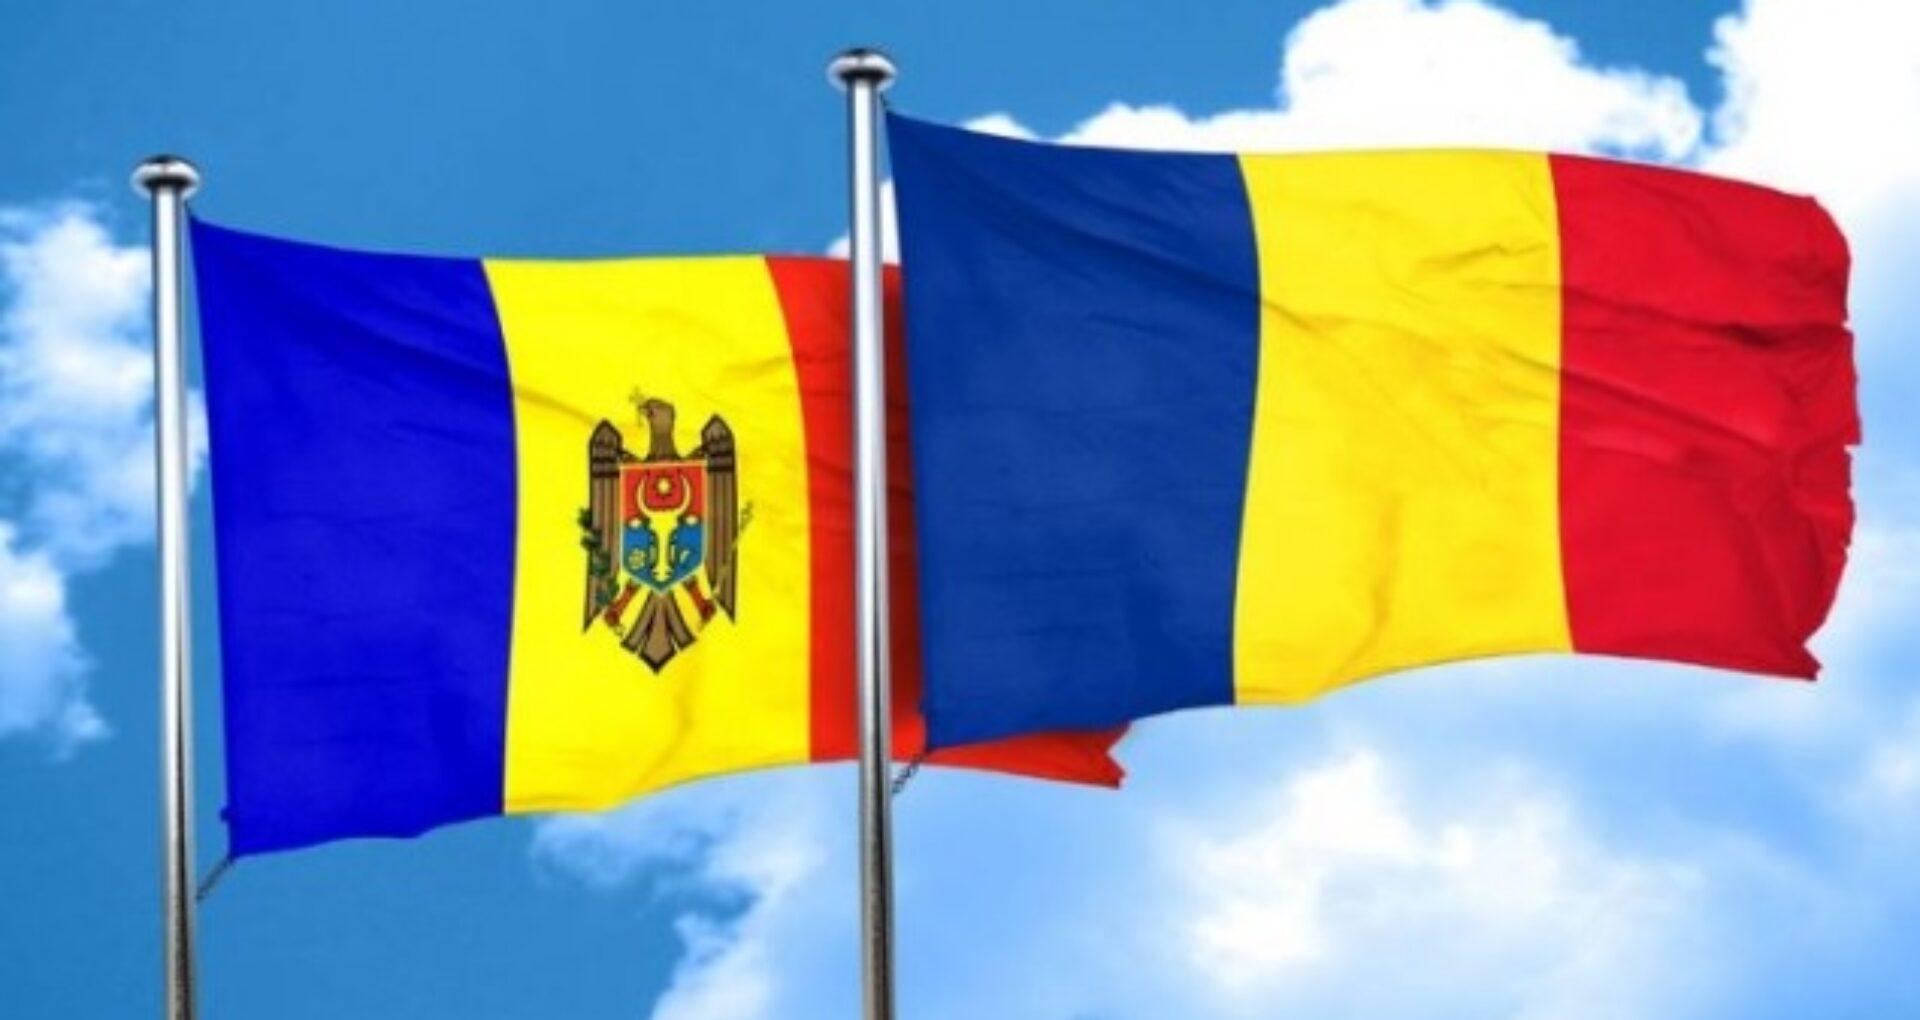 Alegerile prezidențiale: Adresele secțiilor unde vor putea vota moldovenii stabiliți în România